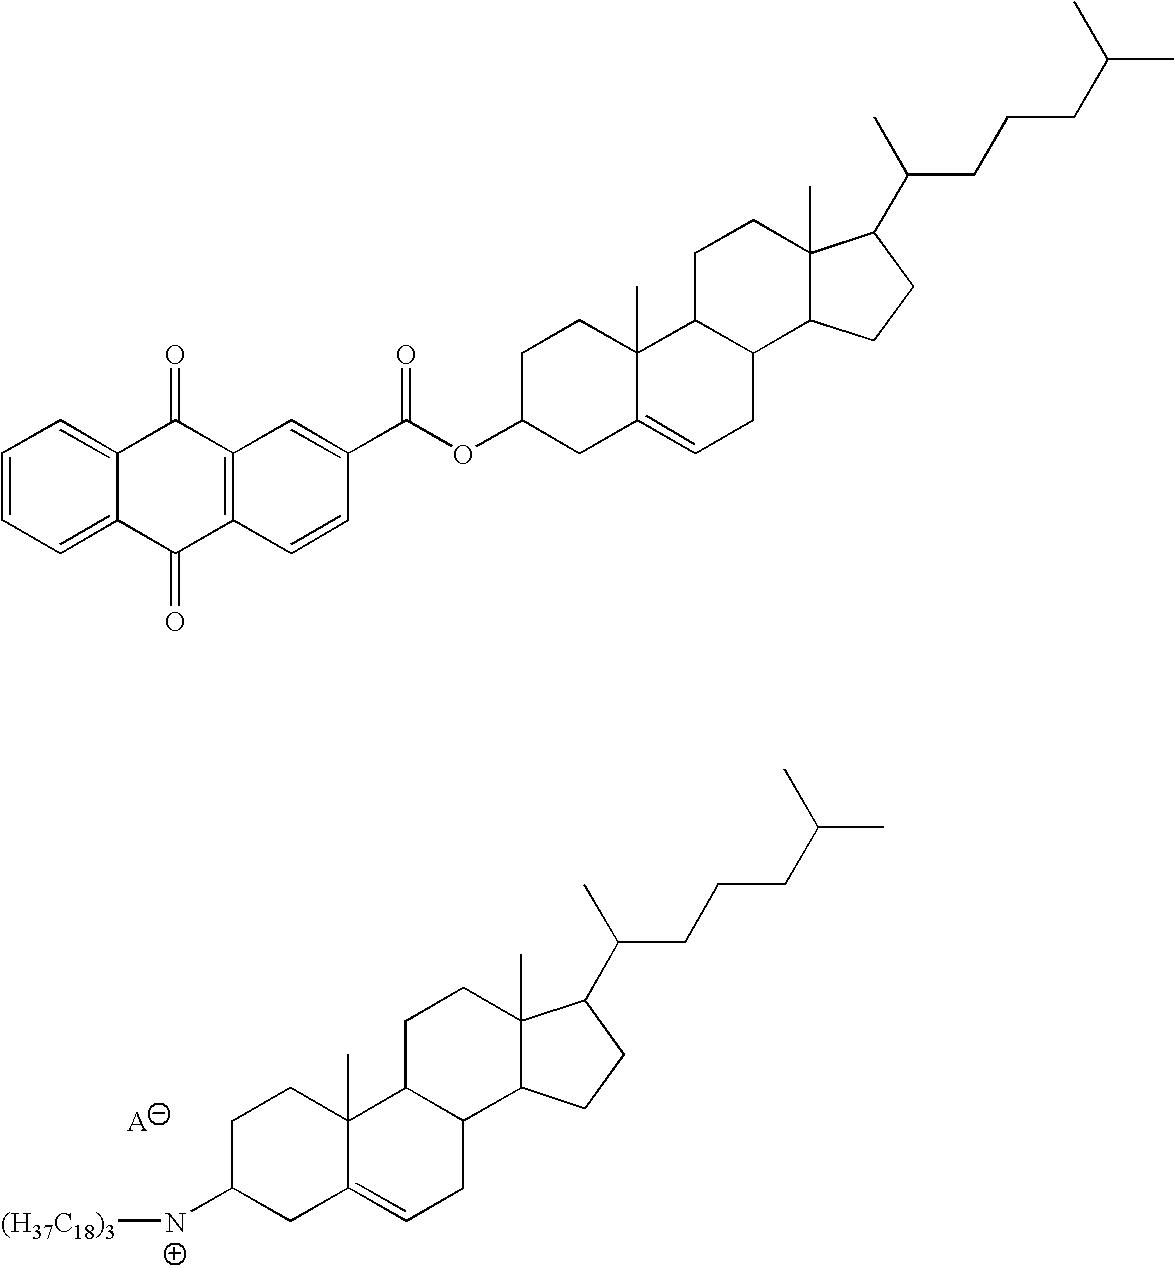 Figure US20040065227A1-20040408-C00107